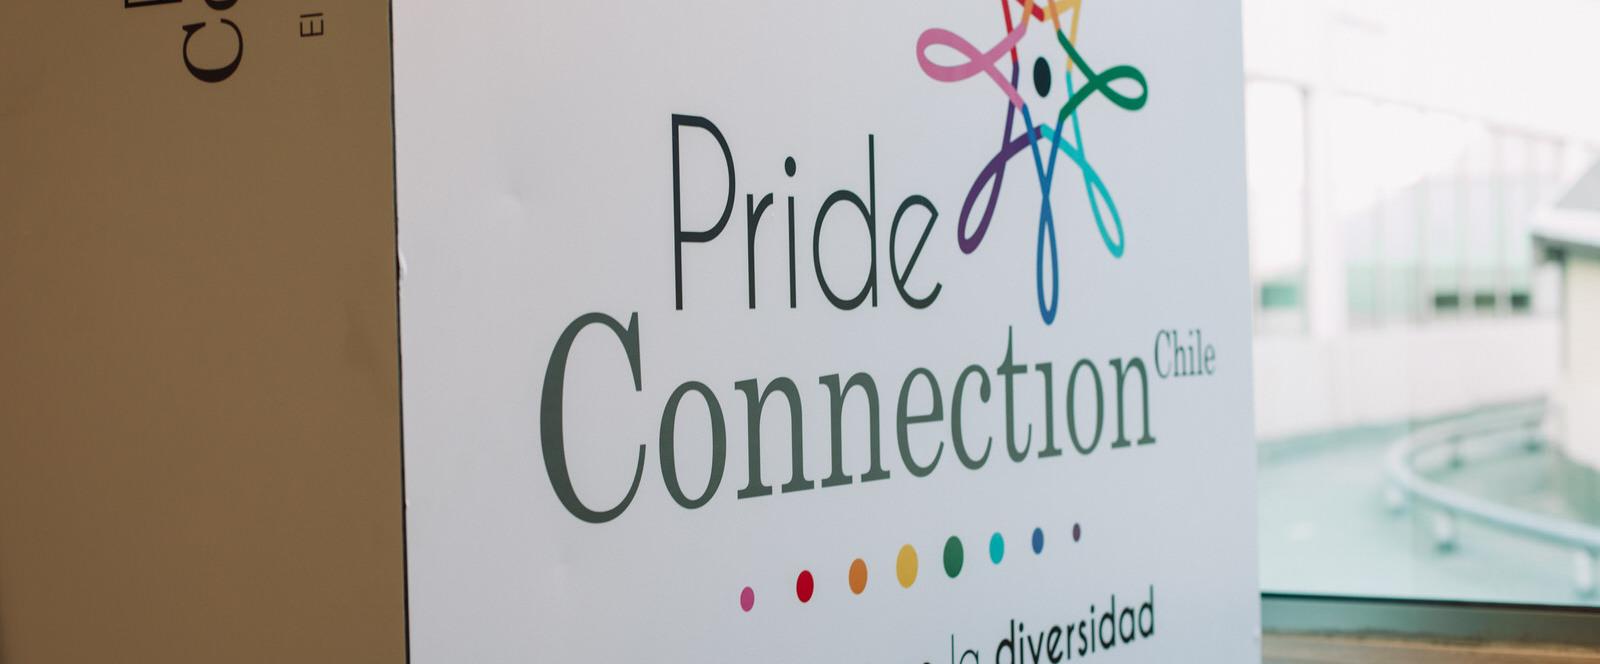 Pride Connection Chile celebra su quinto aniversario sumando más de 100 organizaciones a la red